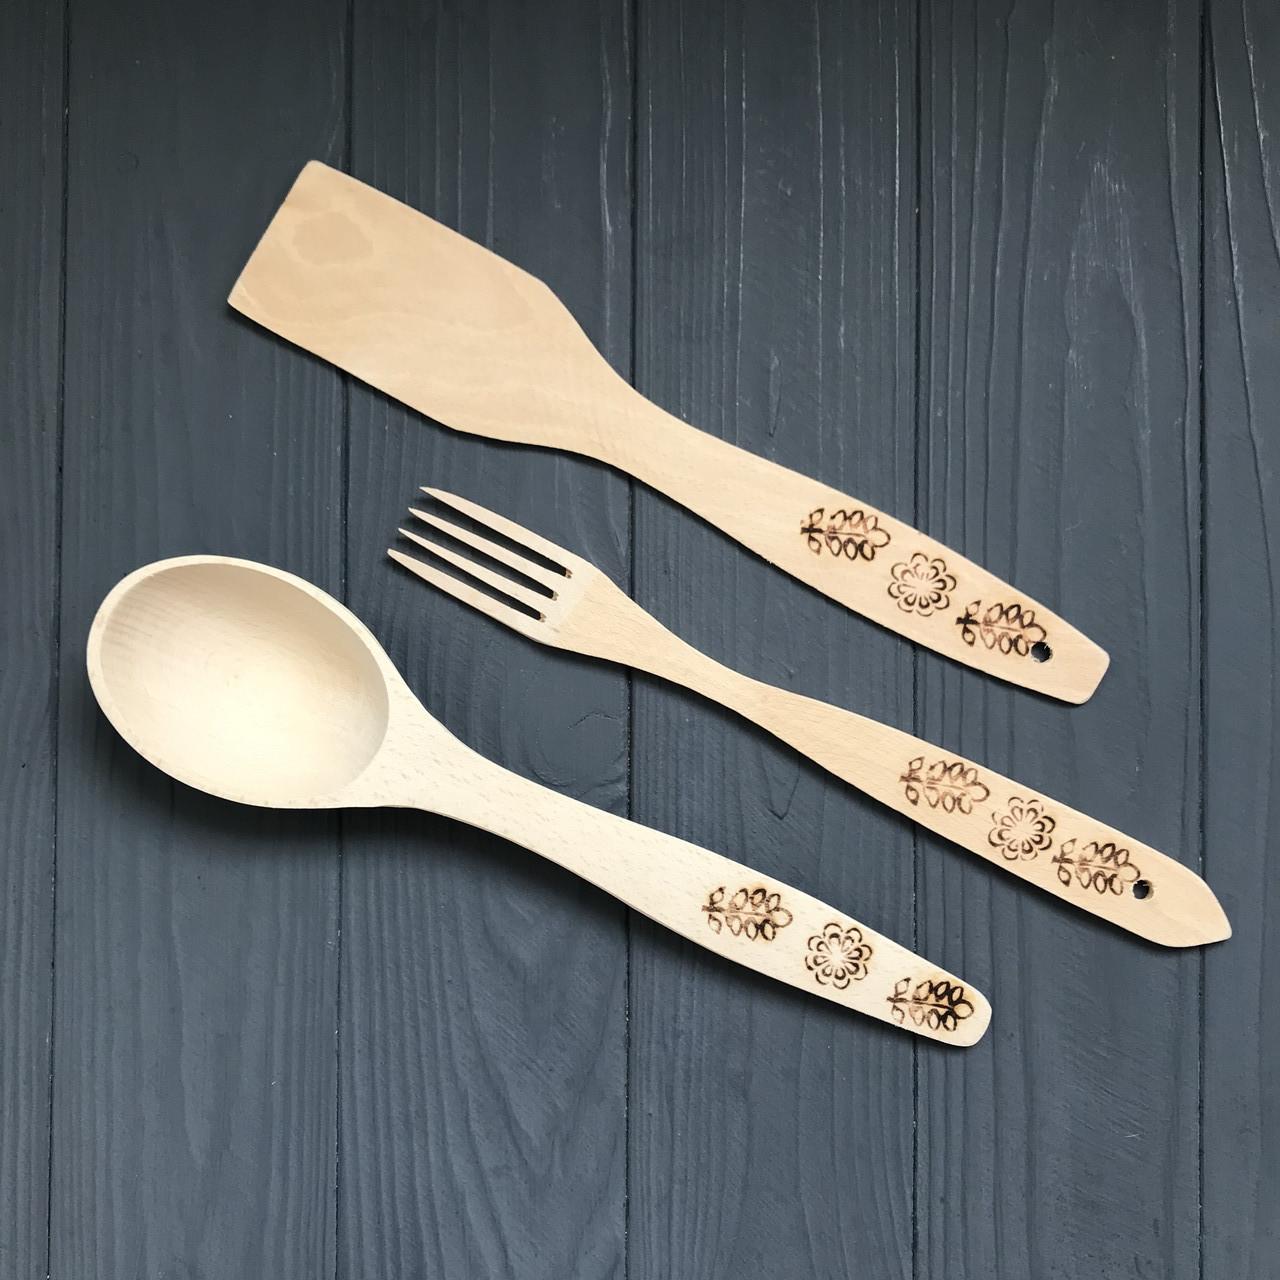 Набор деревянных приборов (лопатка, ложка, вилка), длина: 26 см